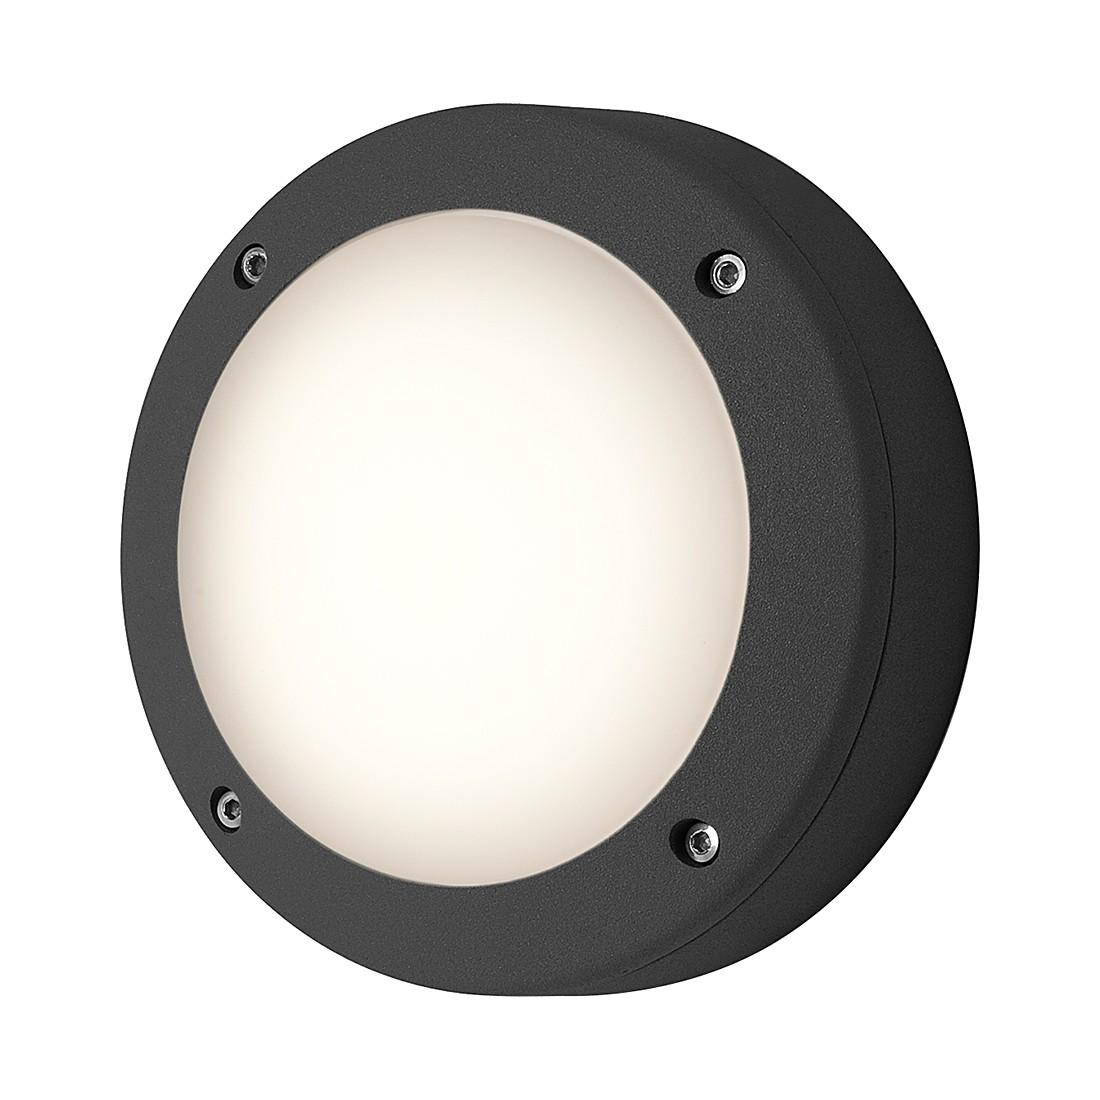 EEK C, Außenleuchte Arta Round – Silber – 1-flammig, Astro günstig